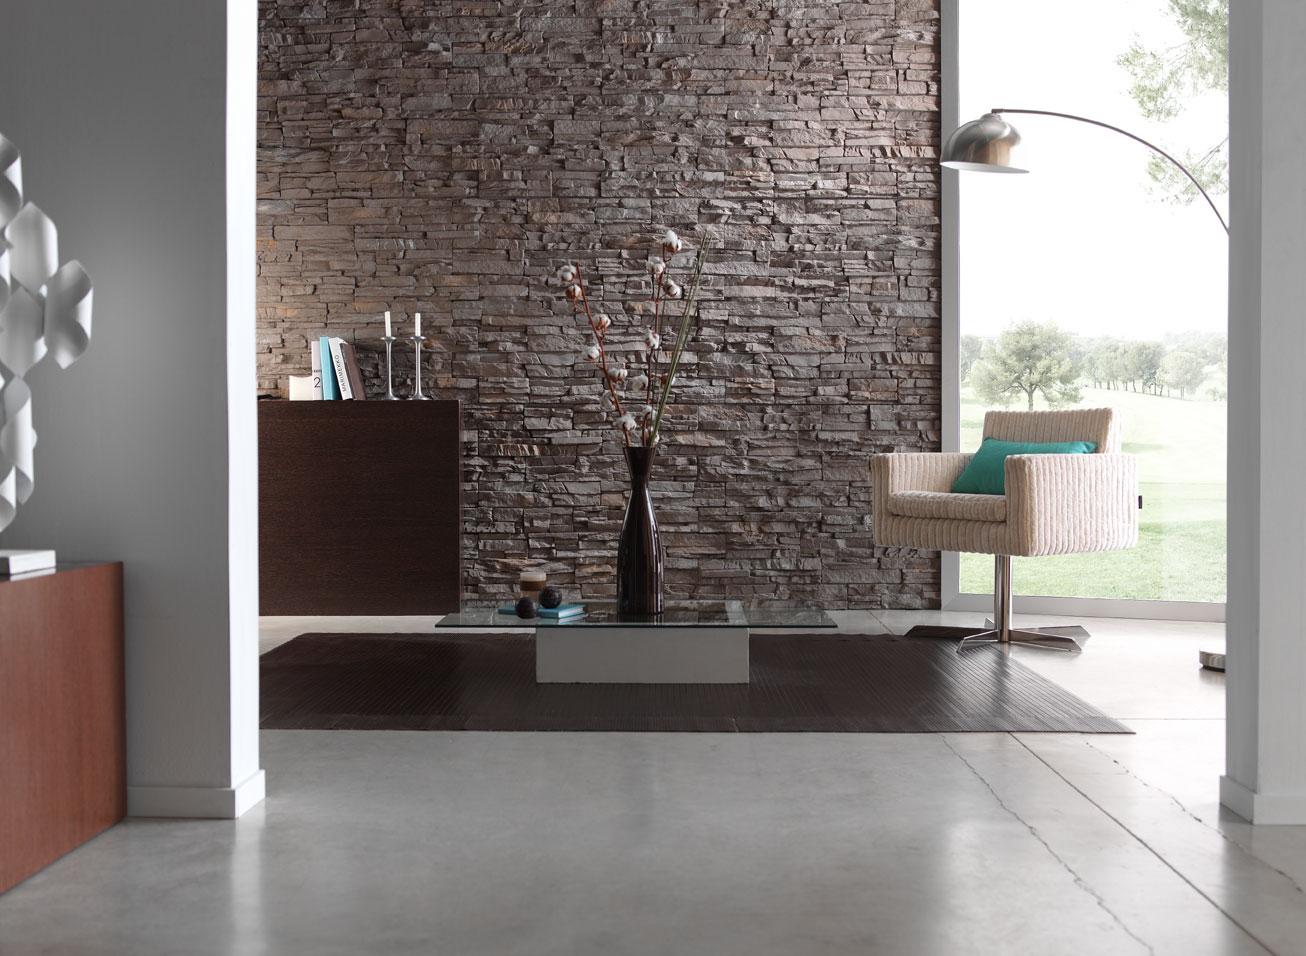 Von Der Klassischen Steinwand, Die Immer Noch Am Beliebtesten Ist, Bis Zur  Hochmodernen Wandverkleidung In Schicken Designs Finden Sie